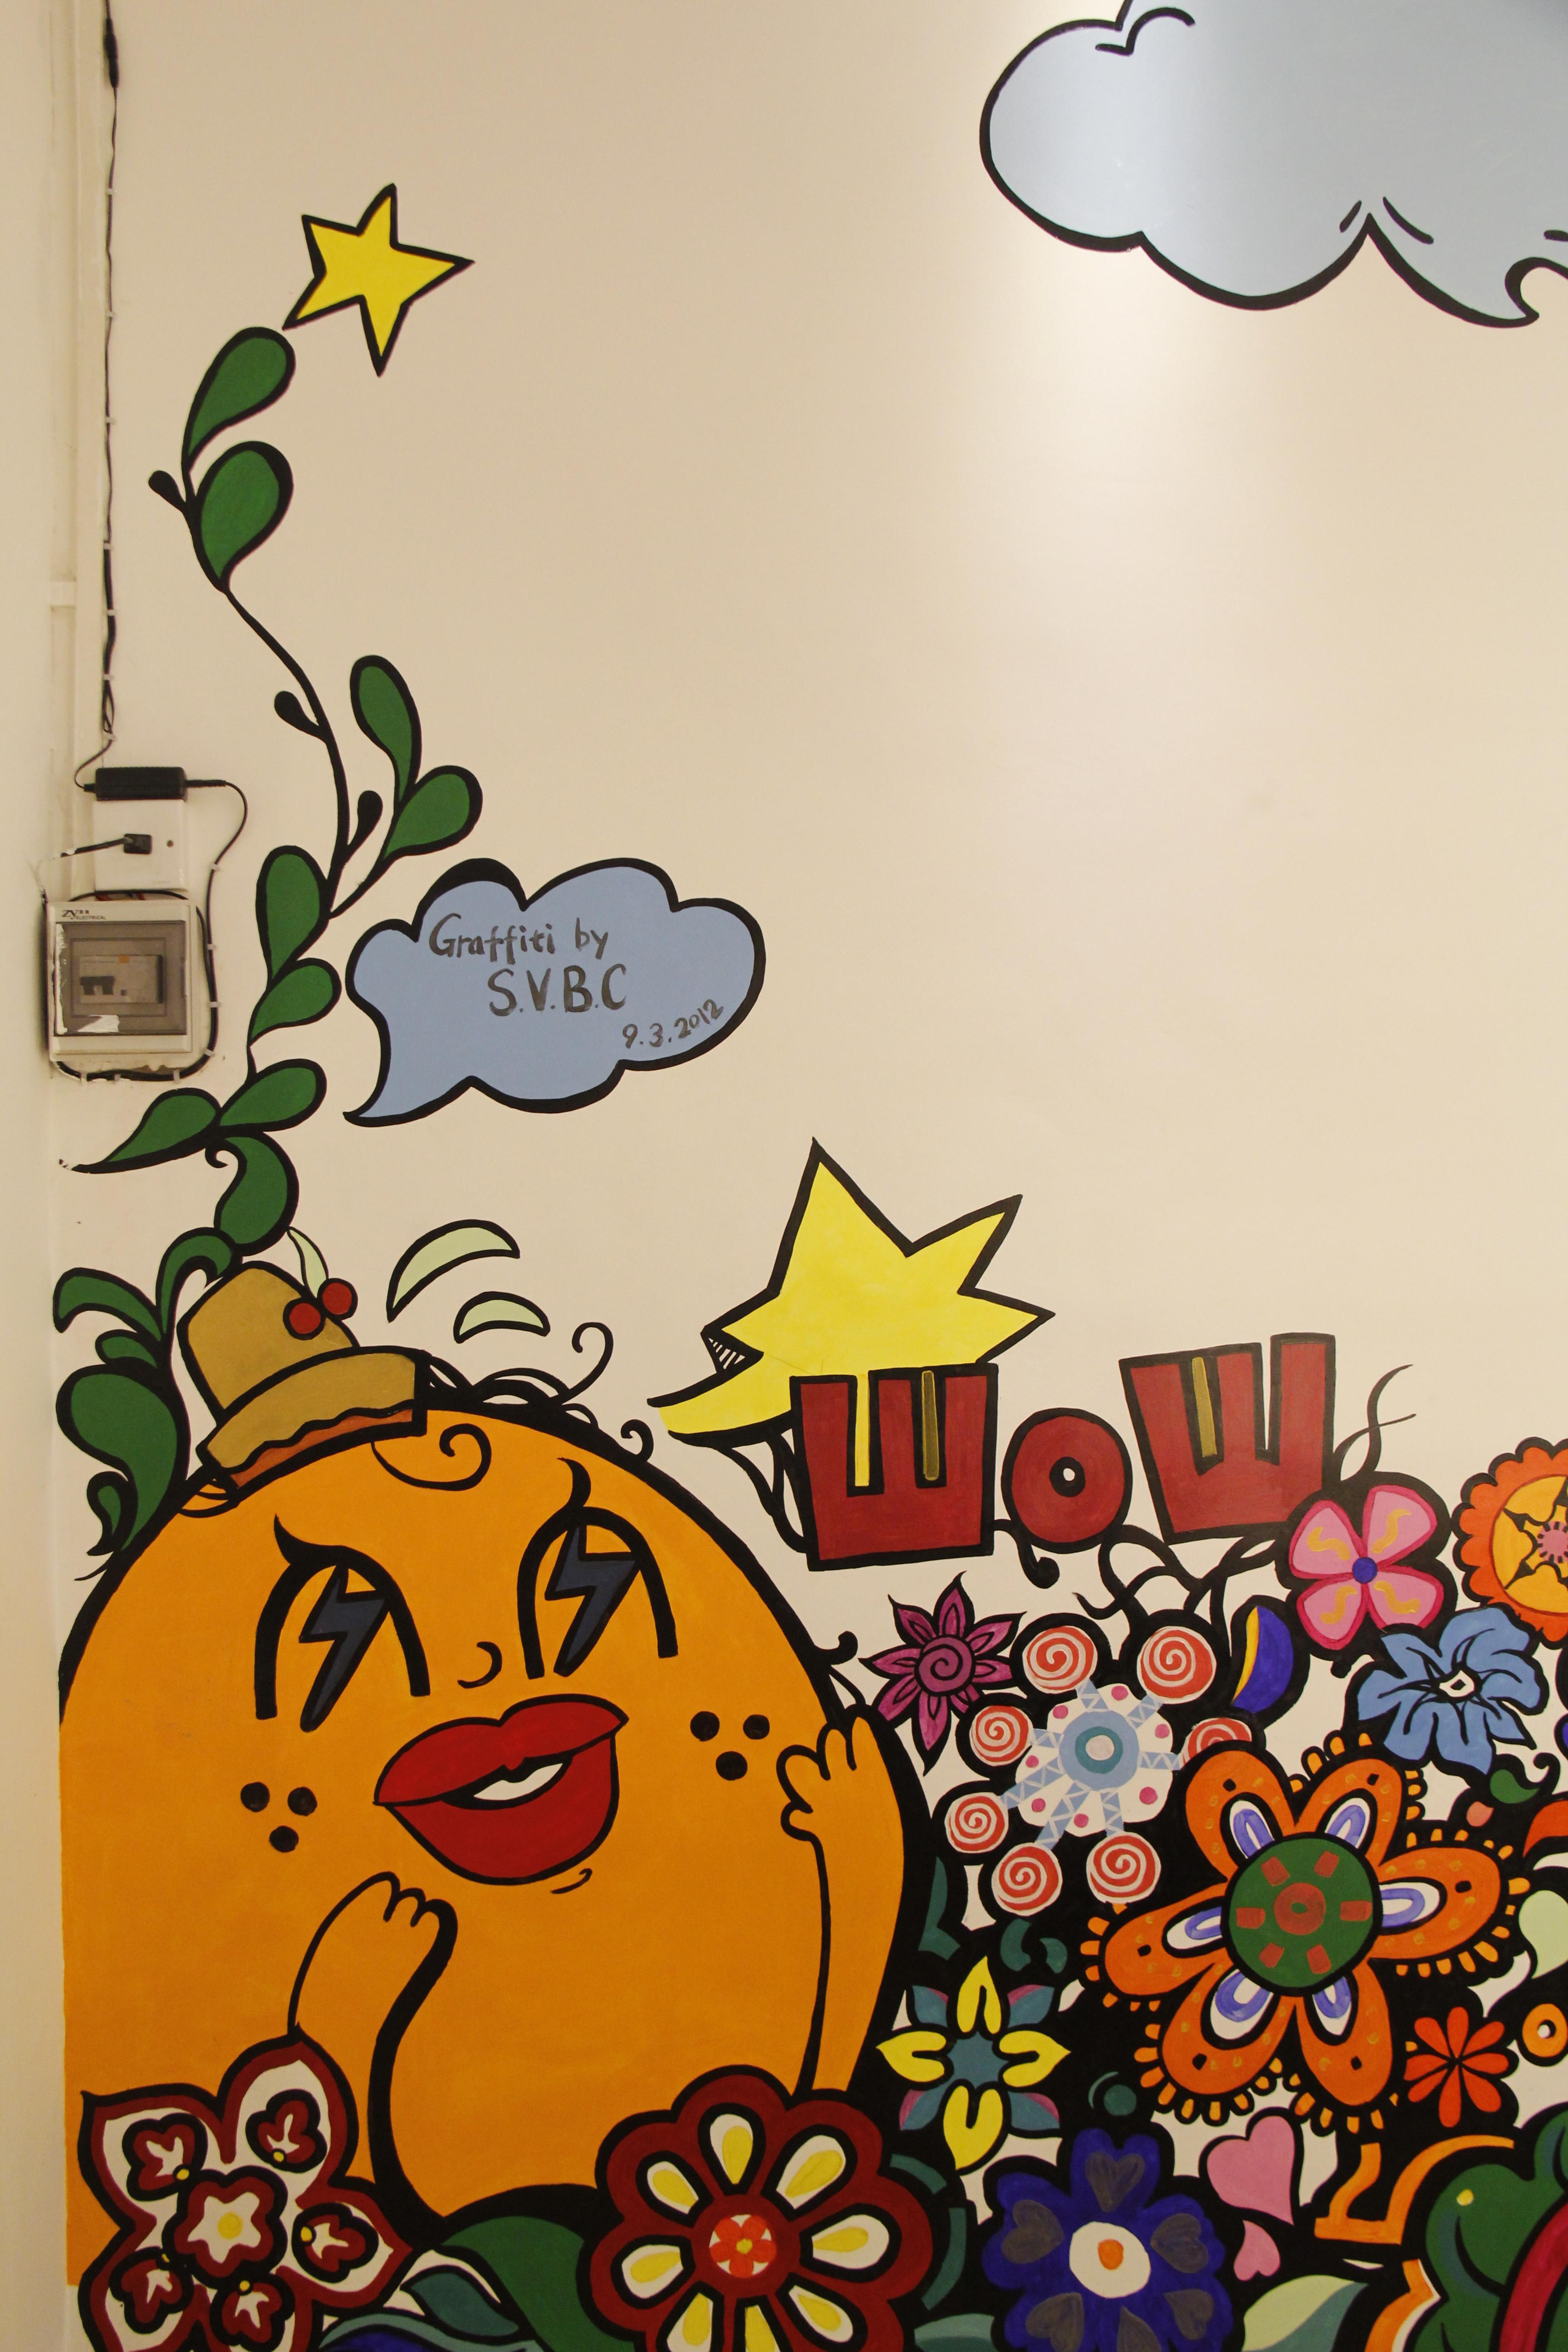 商业店铺涂鸦墙绘